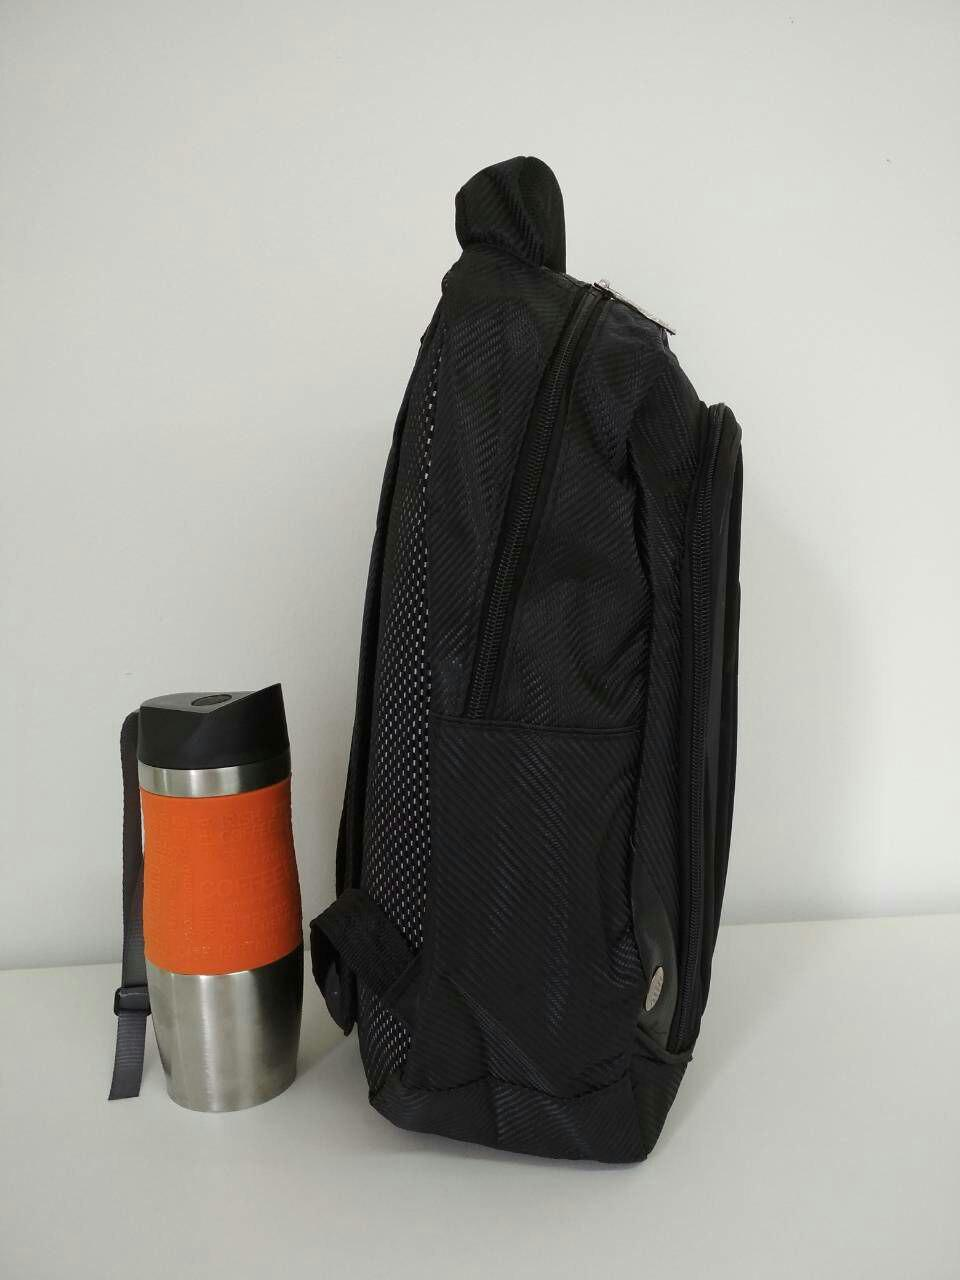 41c246e1fa92 ... Стильный повседневный школьный рюкзак с заклепками 39*25*11 см, ...